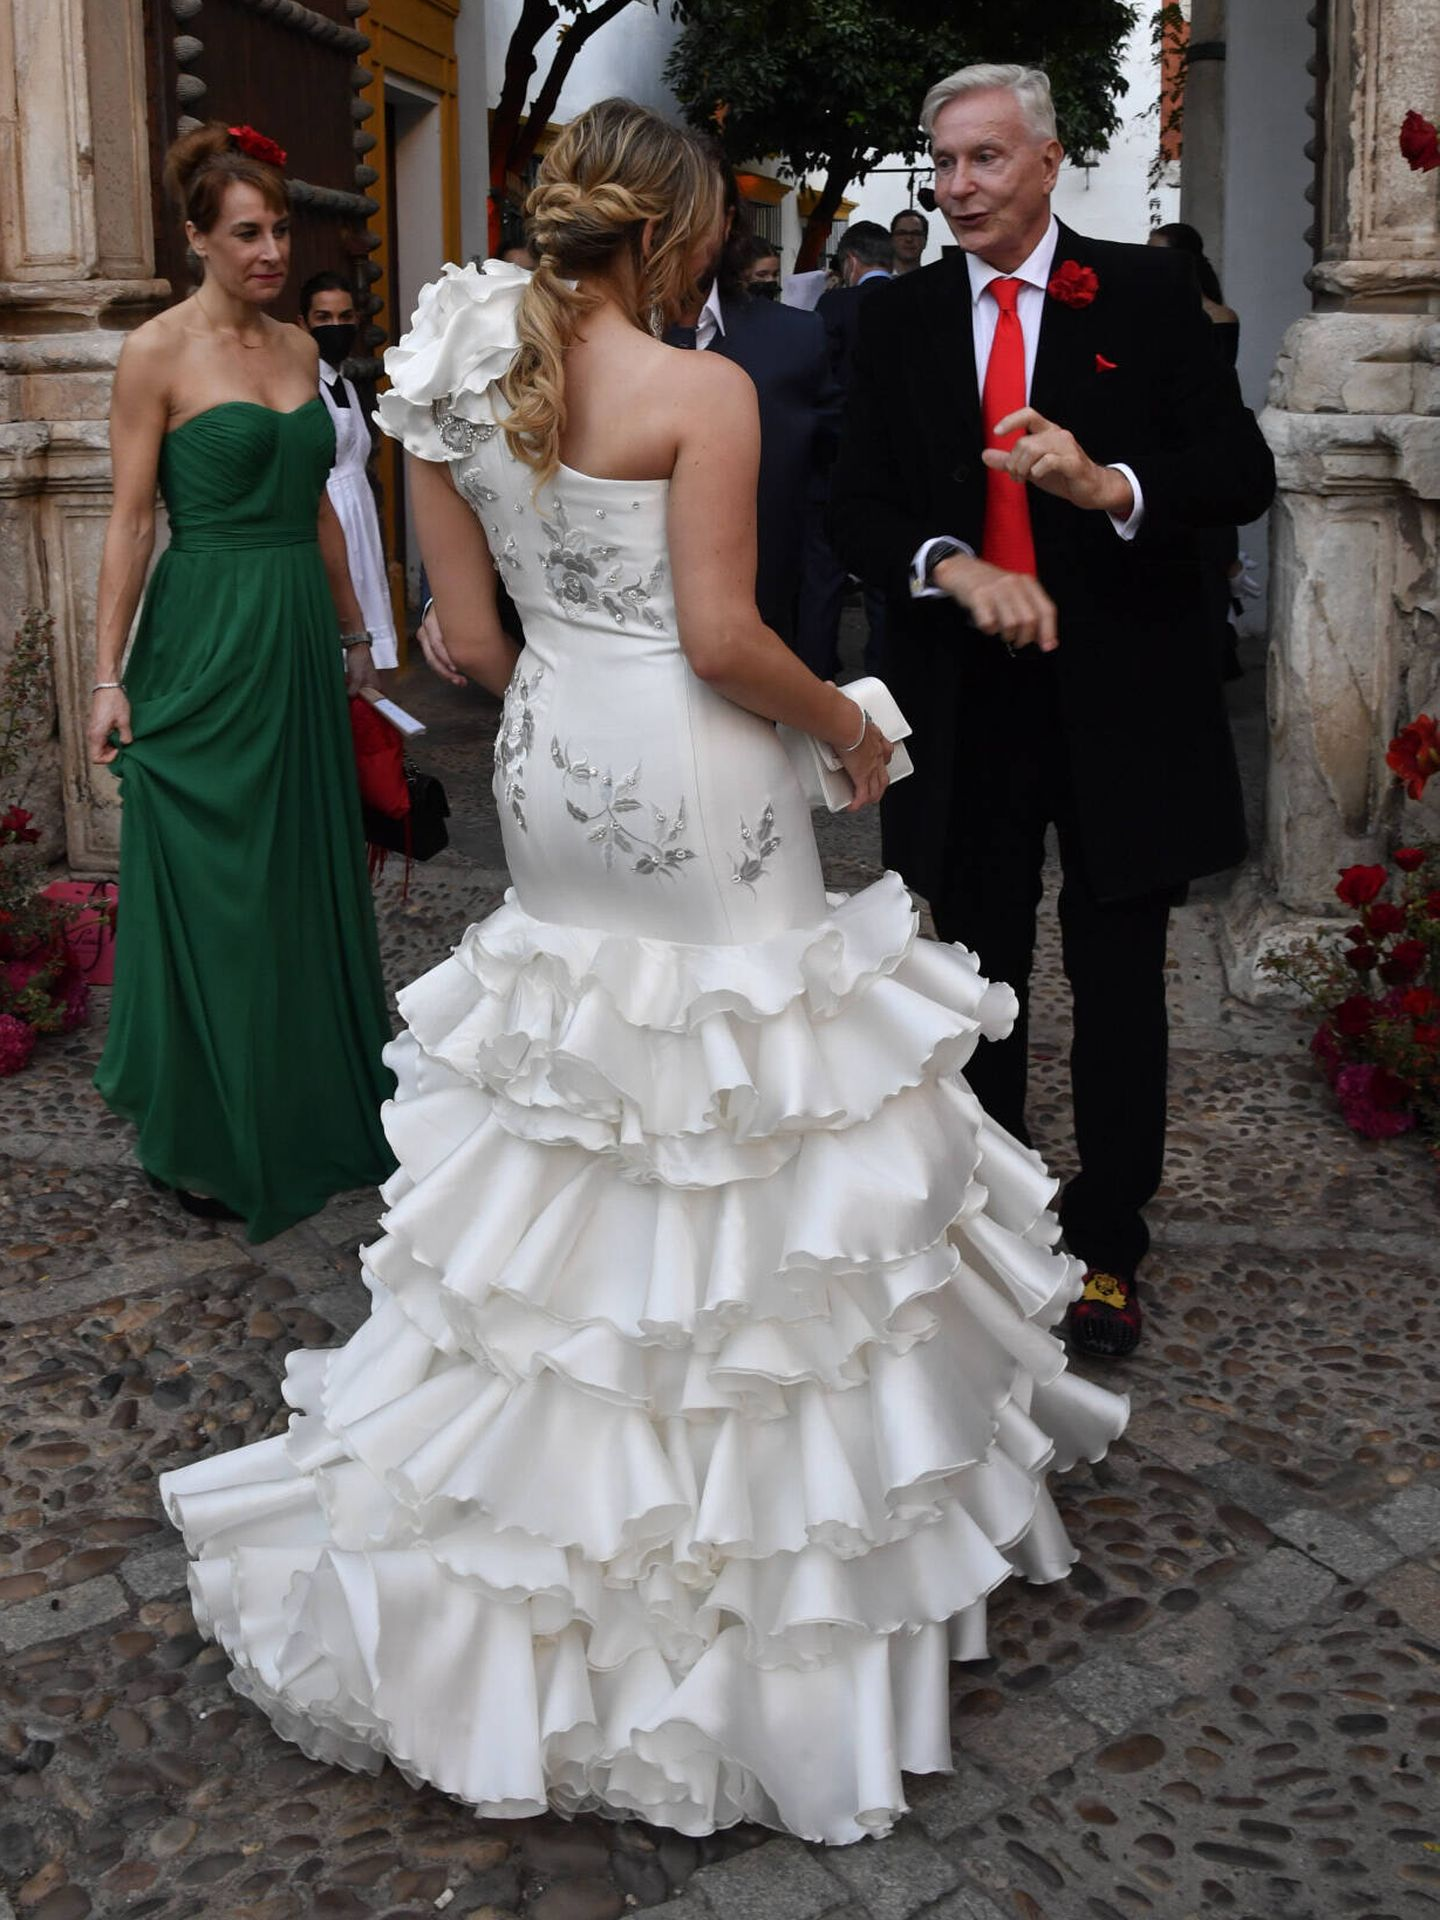 Detalle del vestido escogido por la novia en su preboda, visto por detrás. (Gtres)